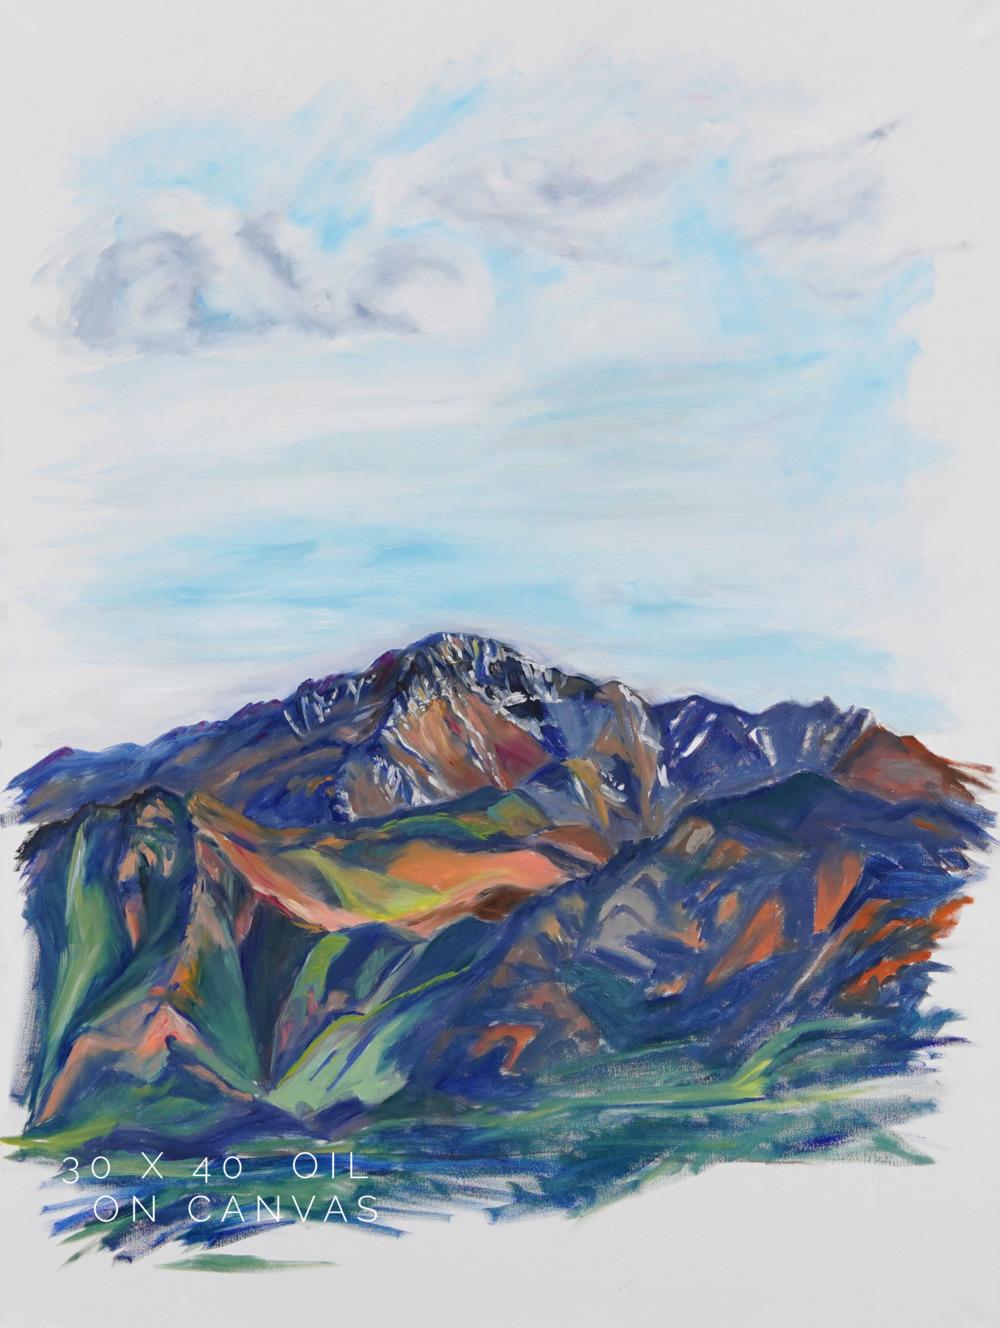 La Montaña no 3